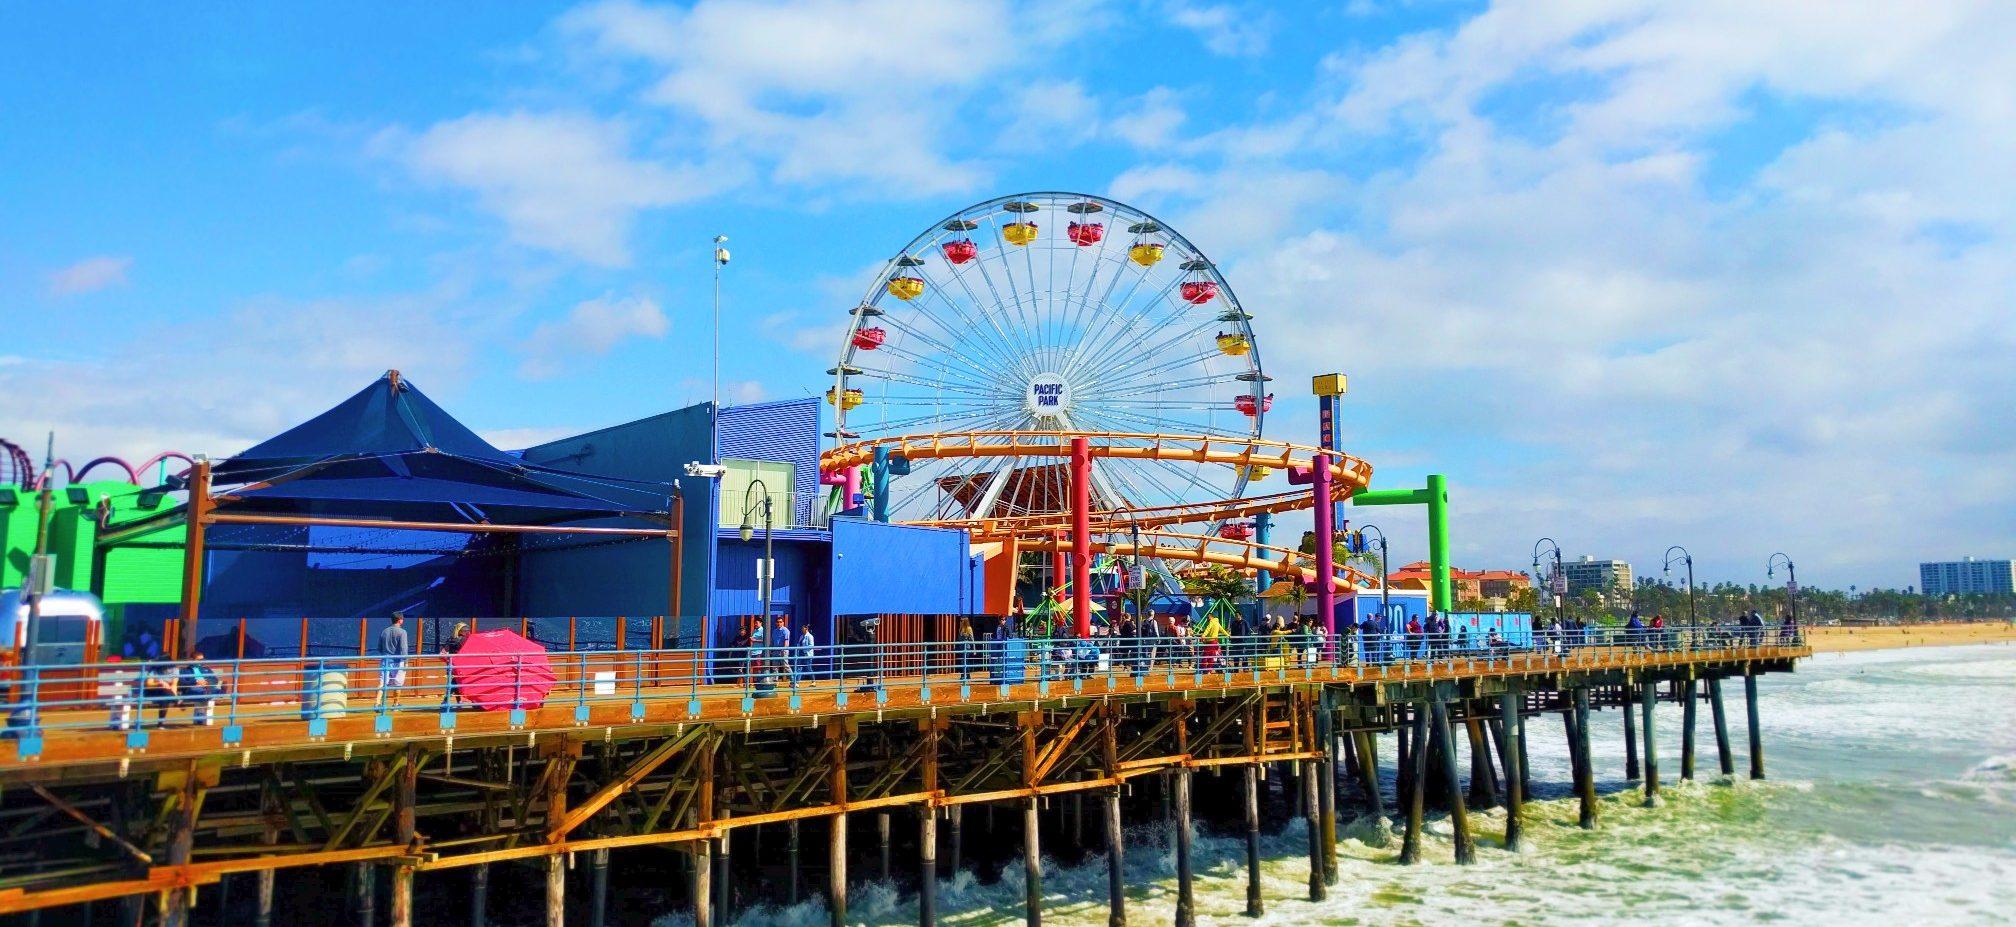 Ferris-Wheel-at-Pacific-Park-Santa-Monica-Pier-2-e1487917342695.jpg